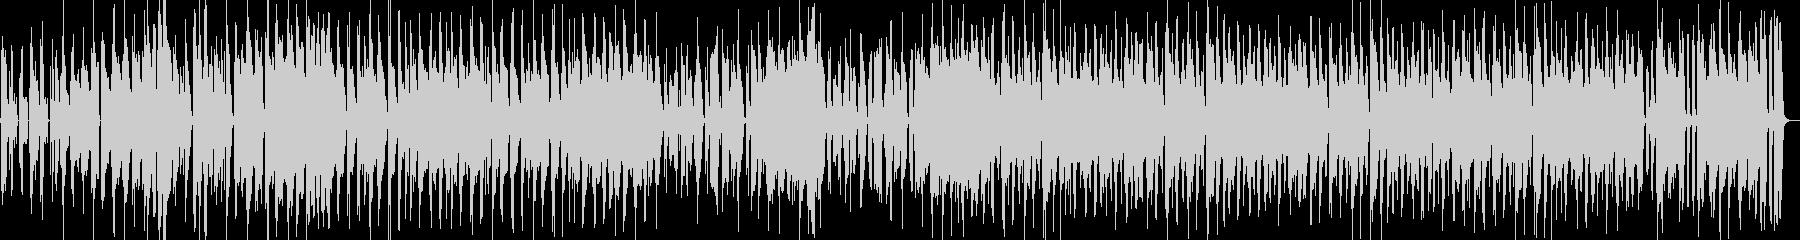 サックスピアノ陽気にダンスファンクの未再生の波形